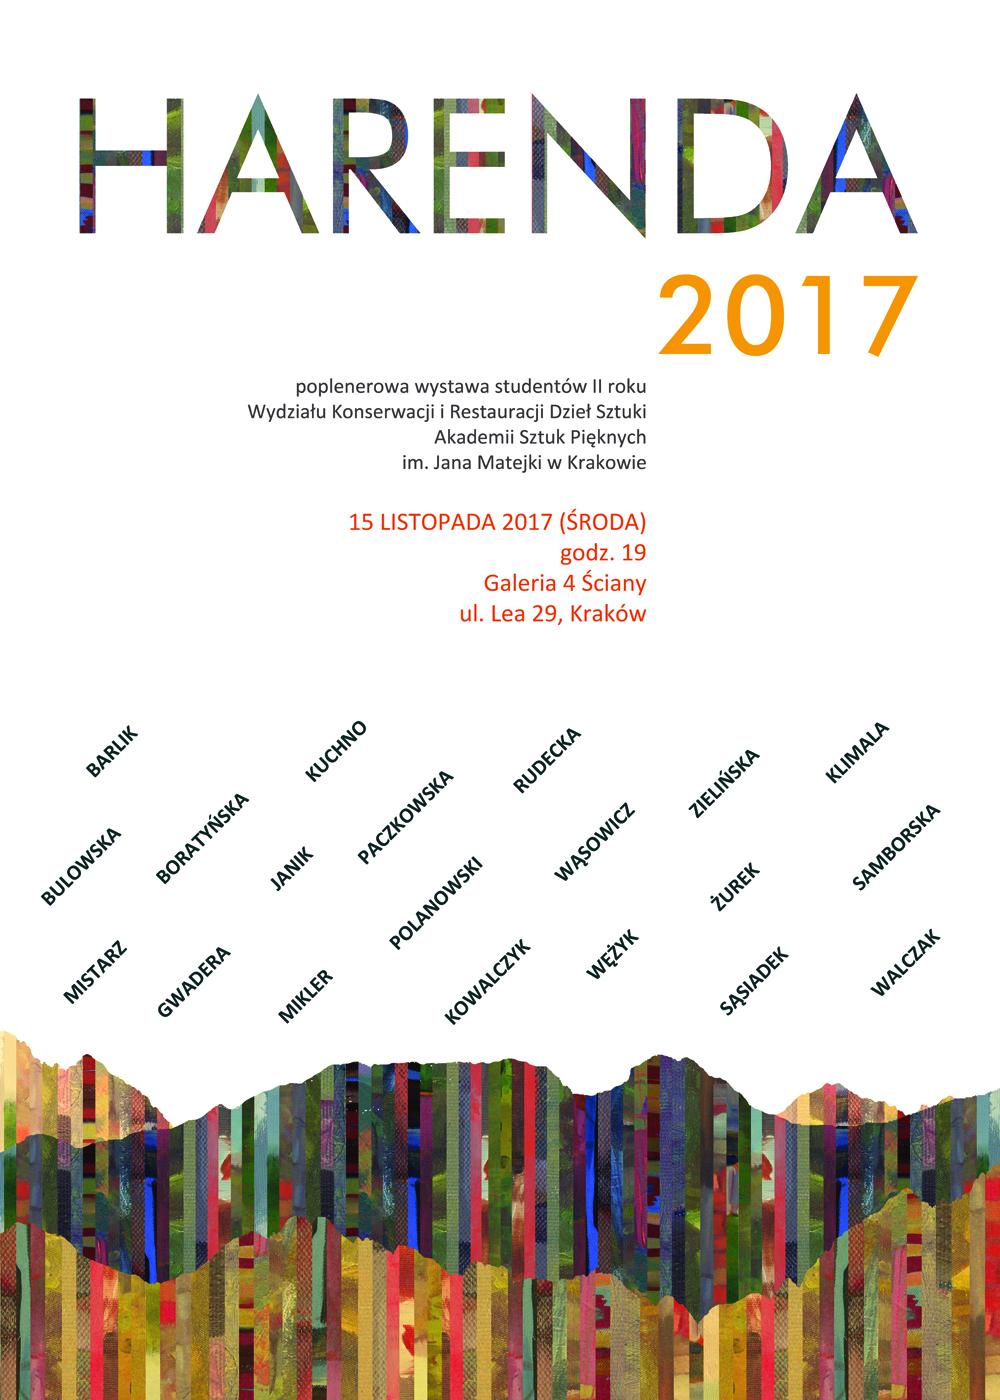 Poplenerowa wystawa studentów II roku HARENDA 2017